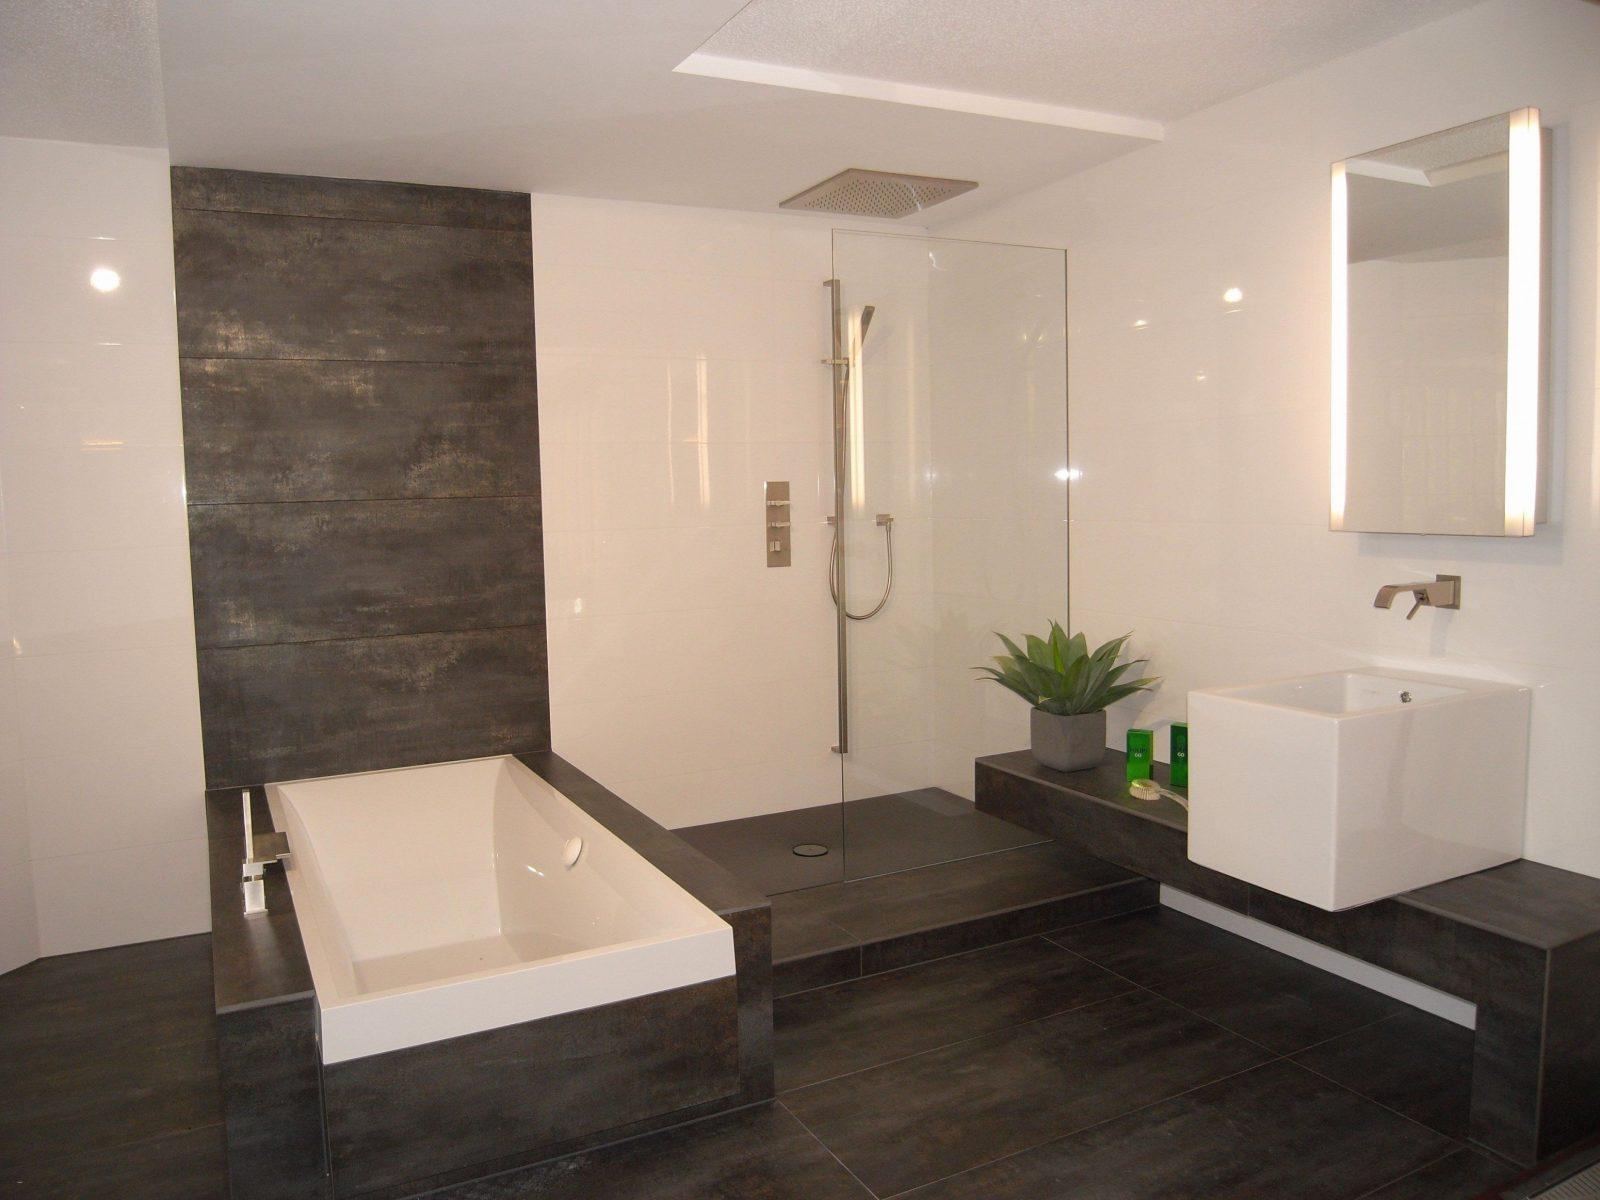 Badezimmer Ohne Fliesen Gestalten | Traces Jasba Fliesen And Mosaike